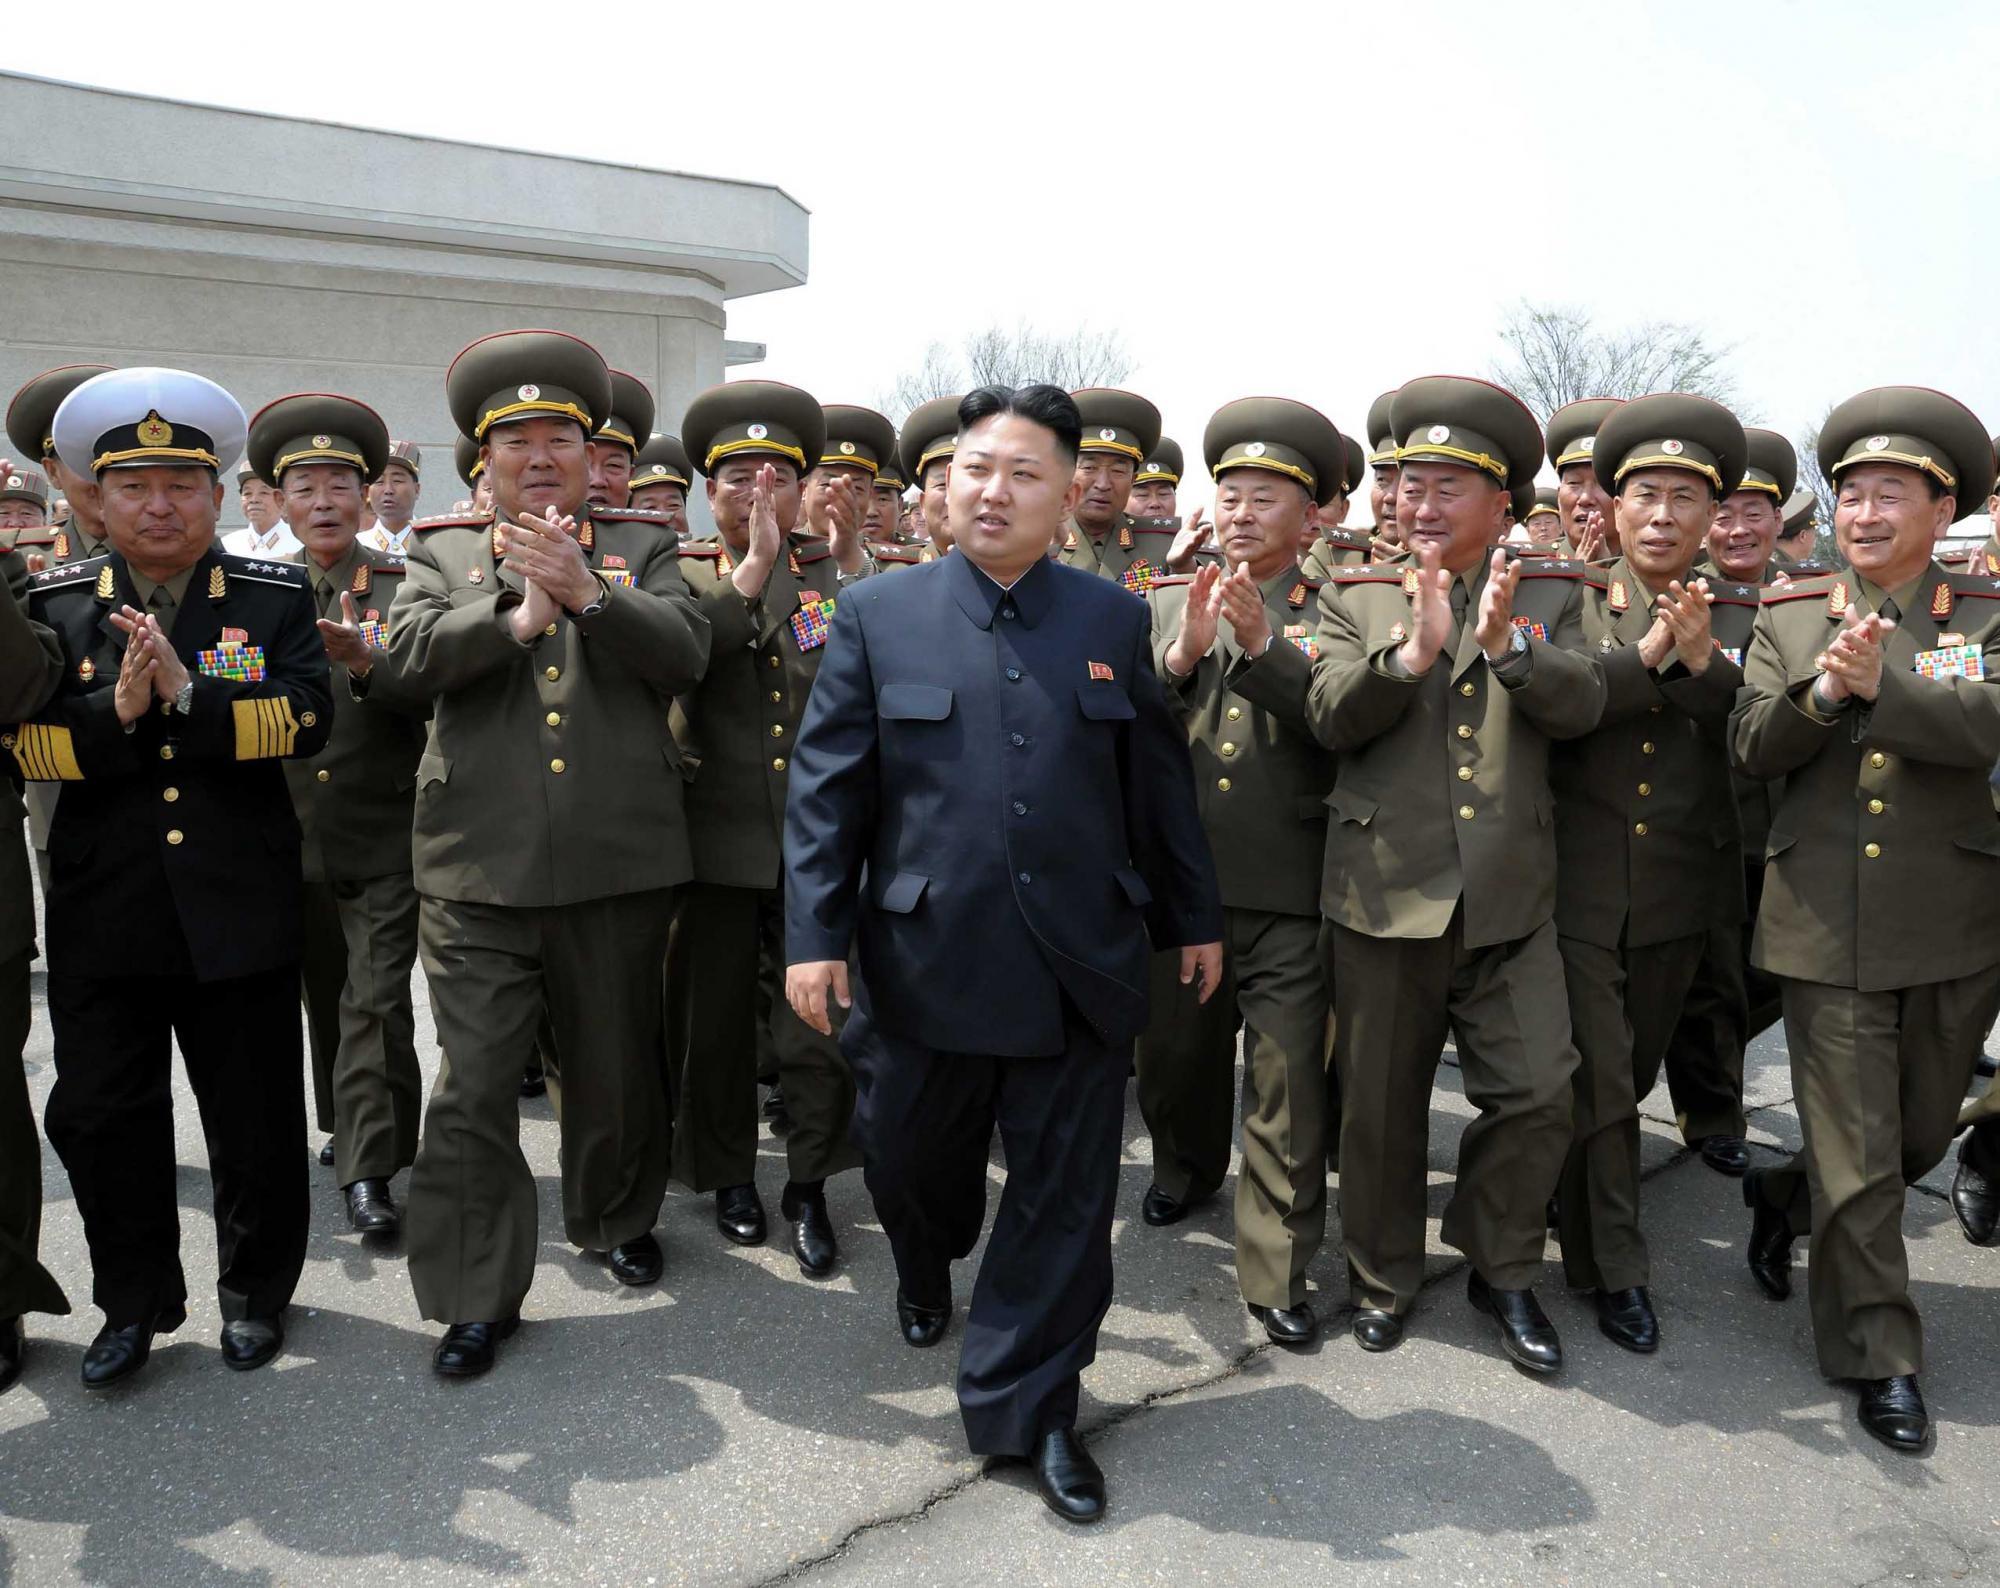 朝鲜总统金正恩图片 朝鲜总统金正恩座驾 朝鲜总统金正恩简历